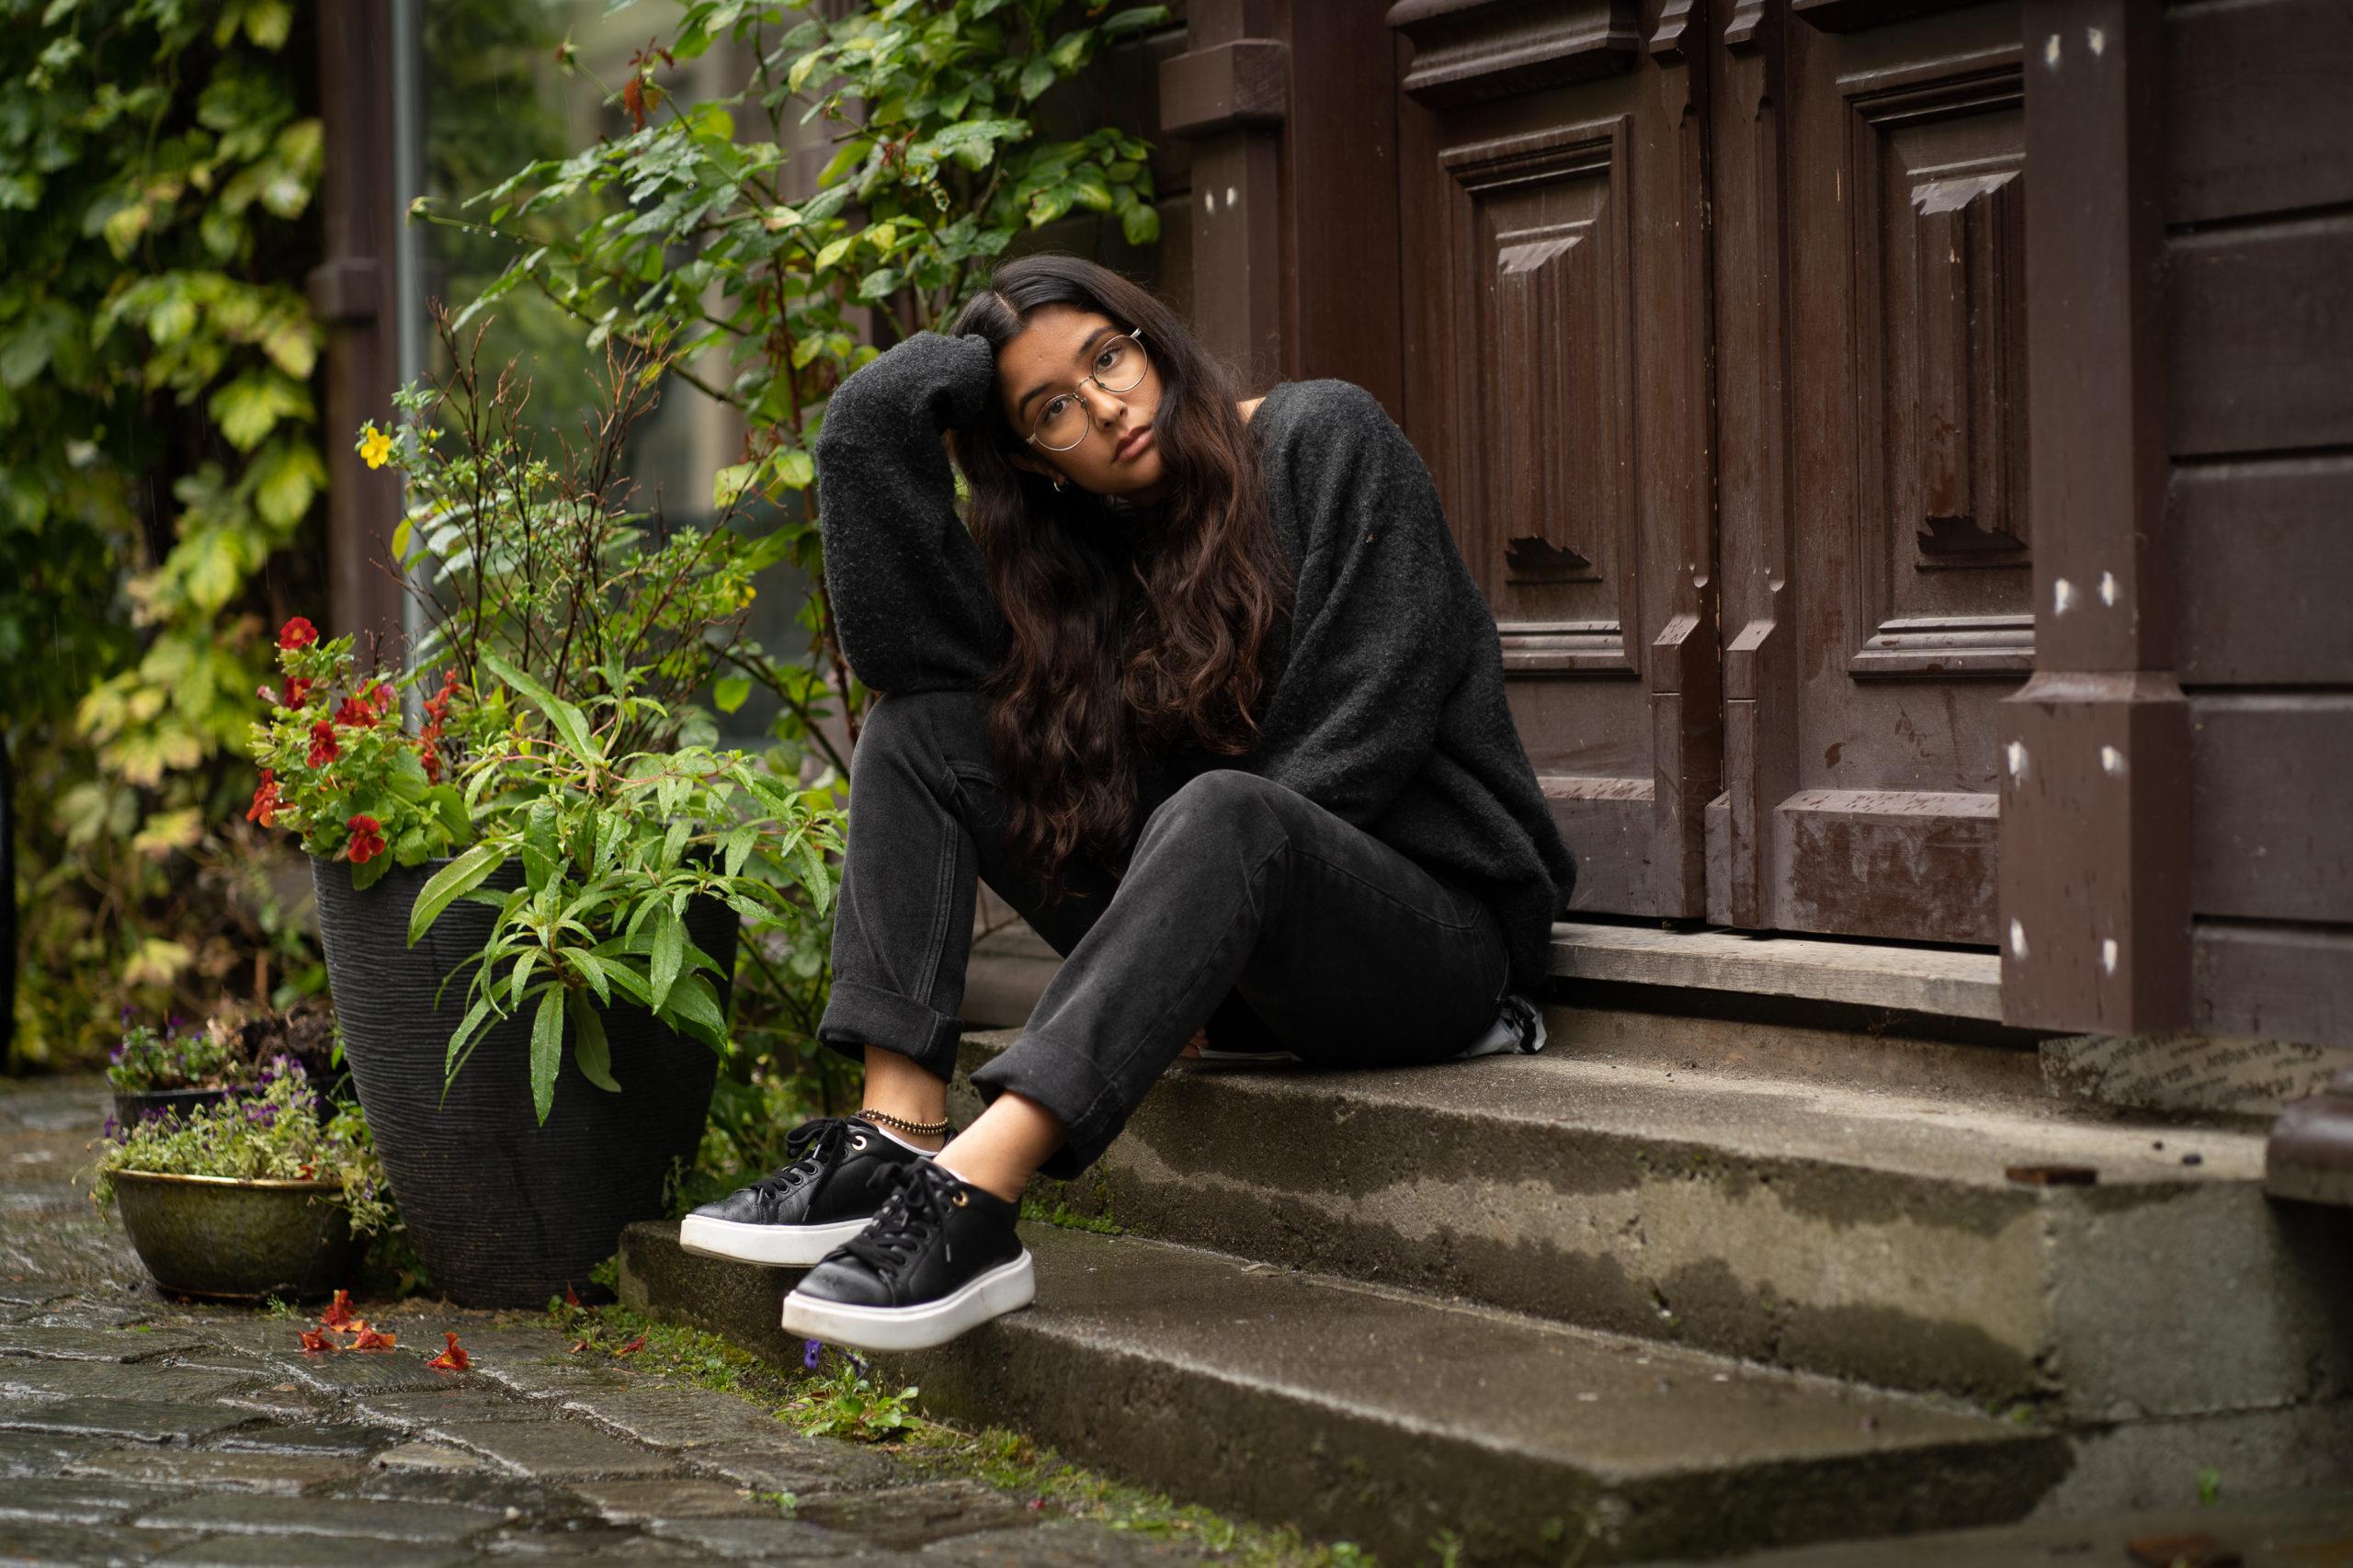 En ung mørkhåret jente sitter i en trapp. Jenta ser seriøst inn i kameraet. Hodet er på skakke, og ligger i håndflaten til høyrehånd. Høyrehånd er plantet i kneet. Hun har på mørke klær, og mørke sko. Bak hun er det planter.